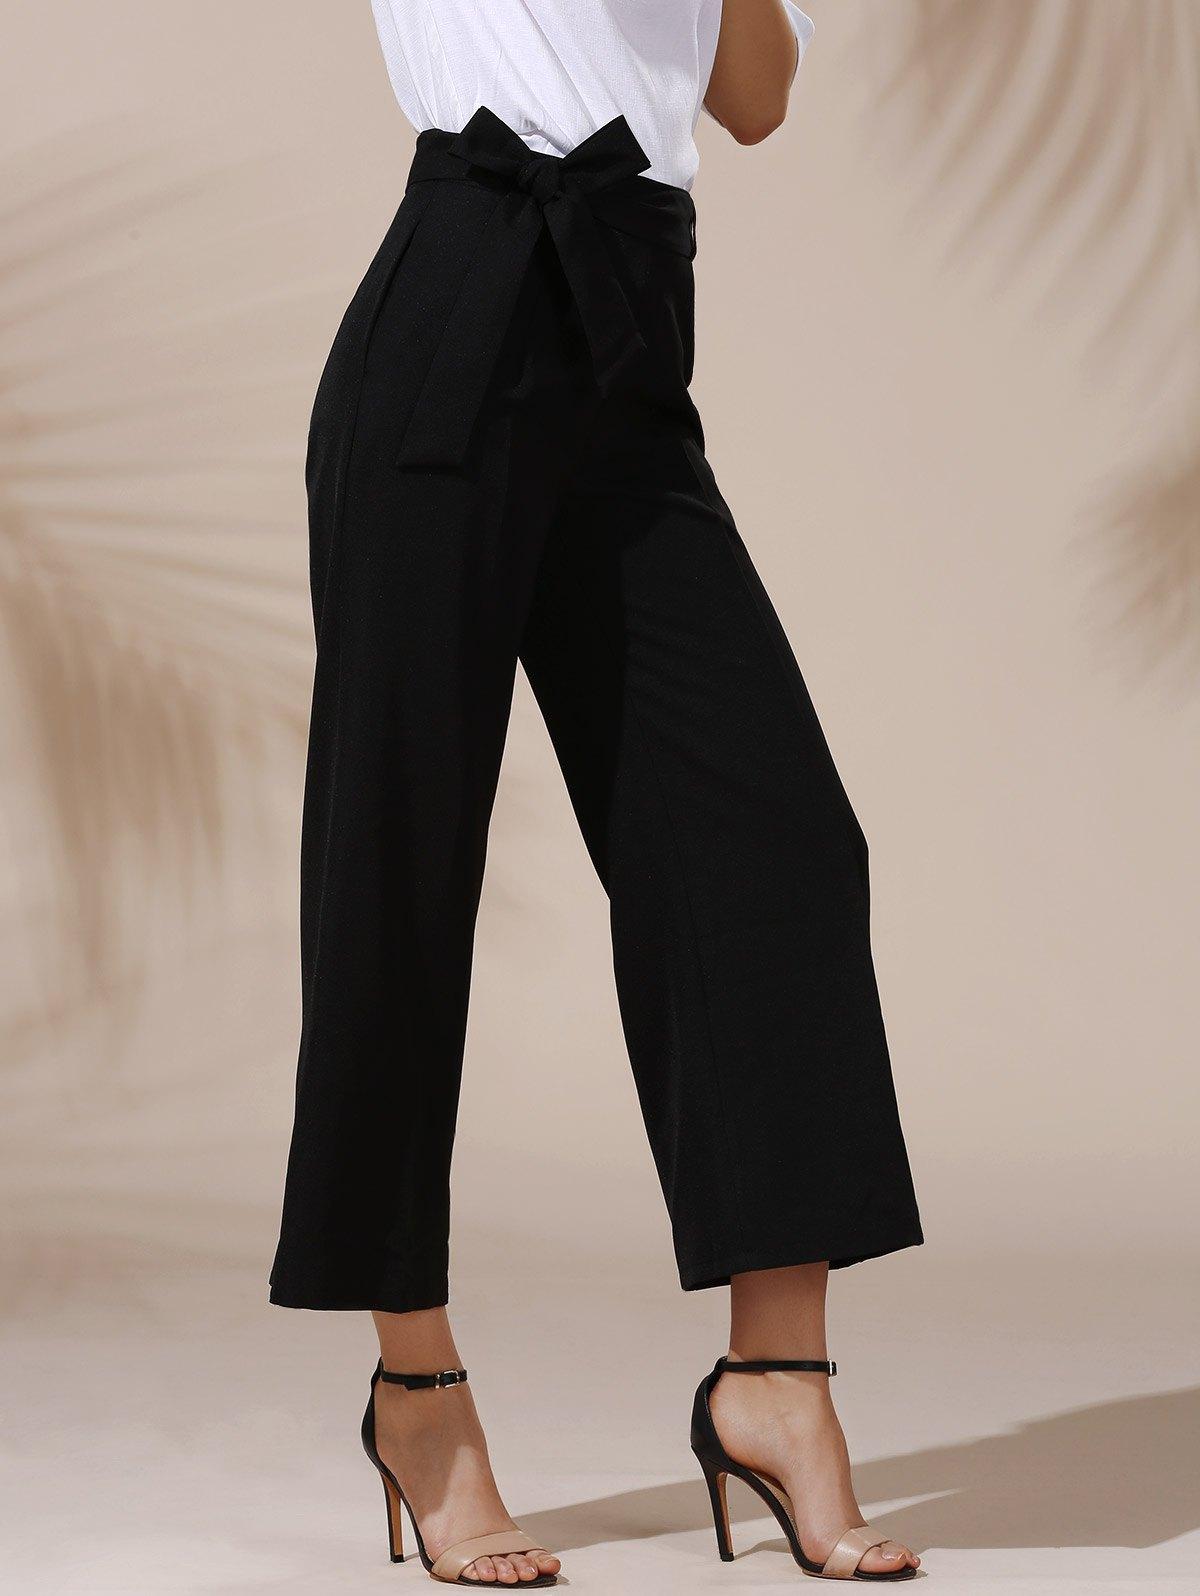 модные брюки весна лето 2019: кюлоты черные с бантом на поясе